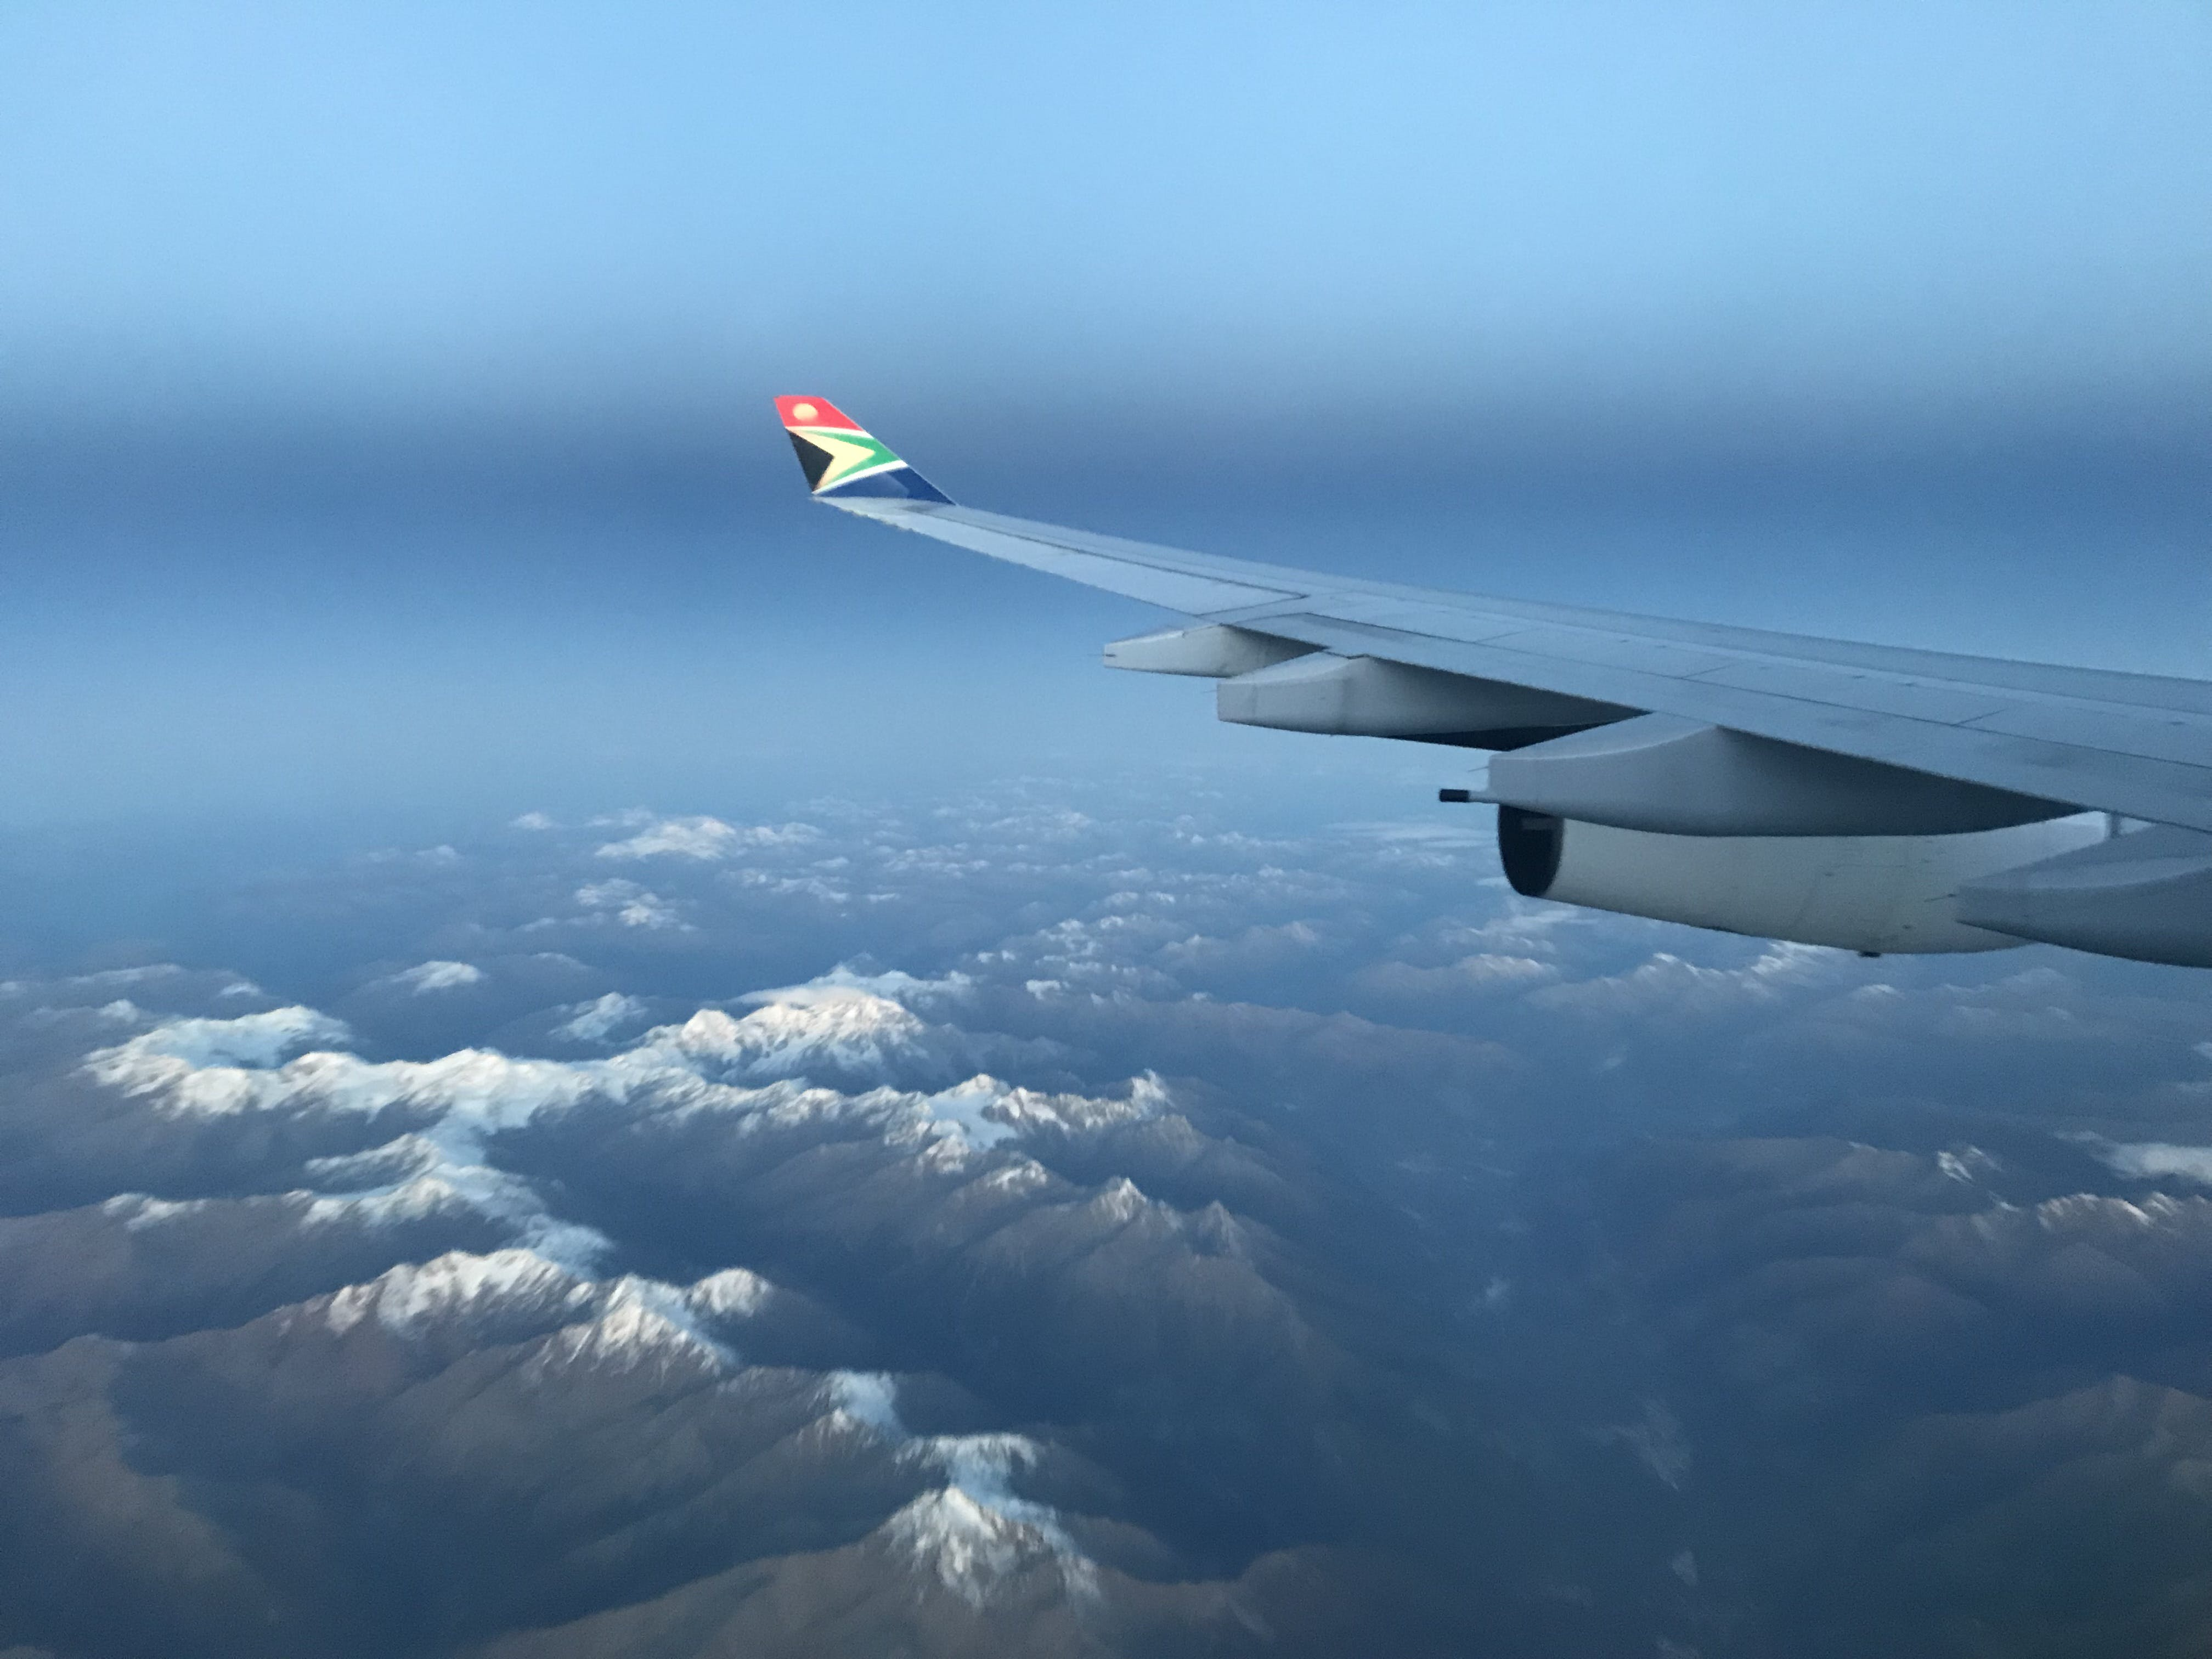 Free stock photo of aeroplane, airplane, alps, altitude